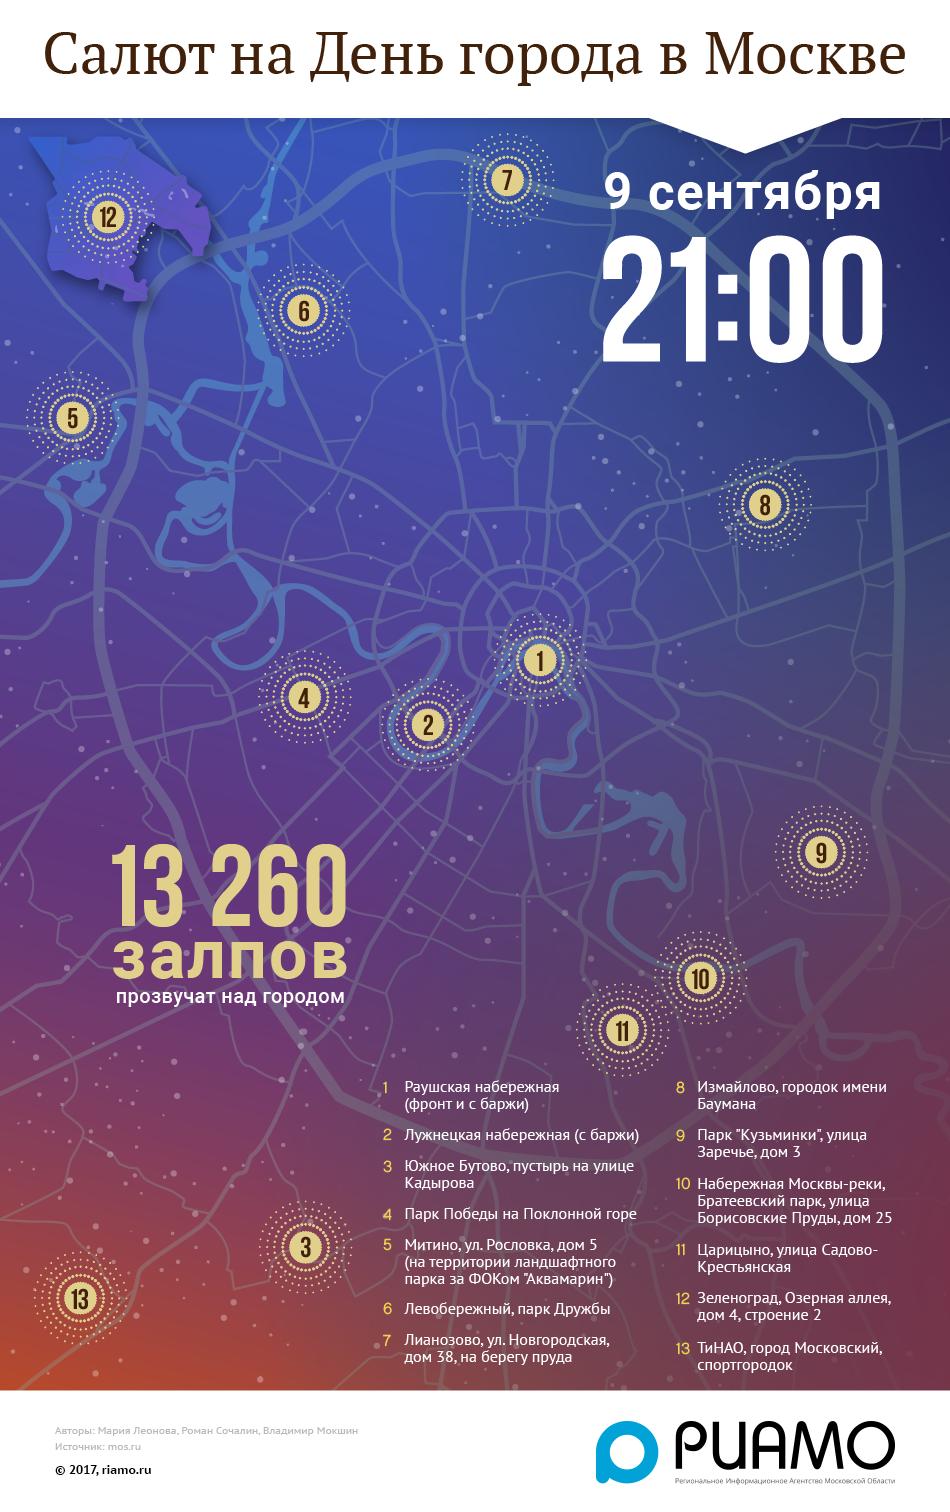 Салют на День города Москва 2017, где смотреть салют на день города 2017, где запускают салют на день города, во сколько салют на день города, салют 5 сентября день города 2017, когда салют на день города 2017 Москва